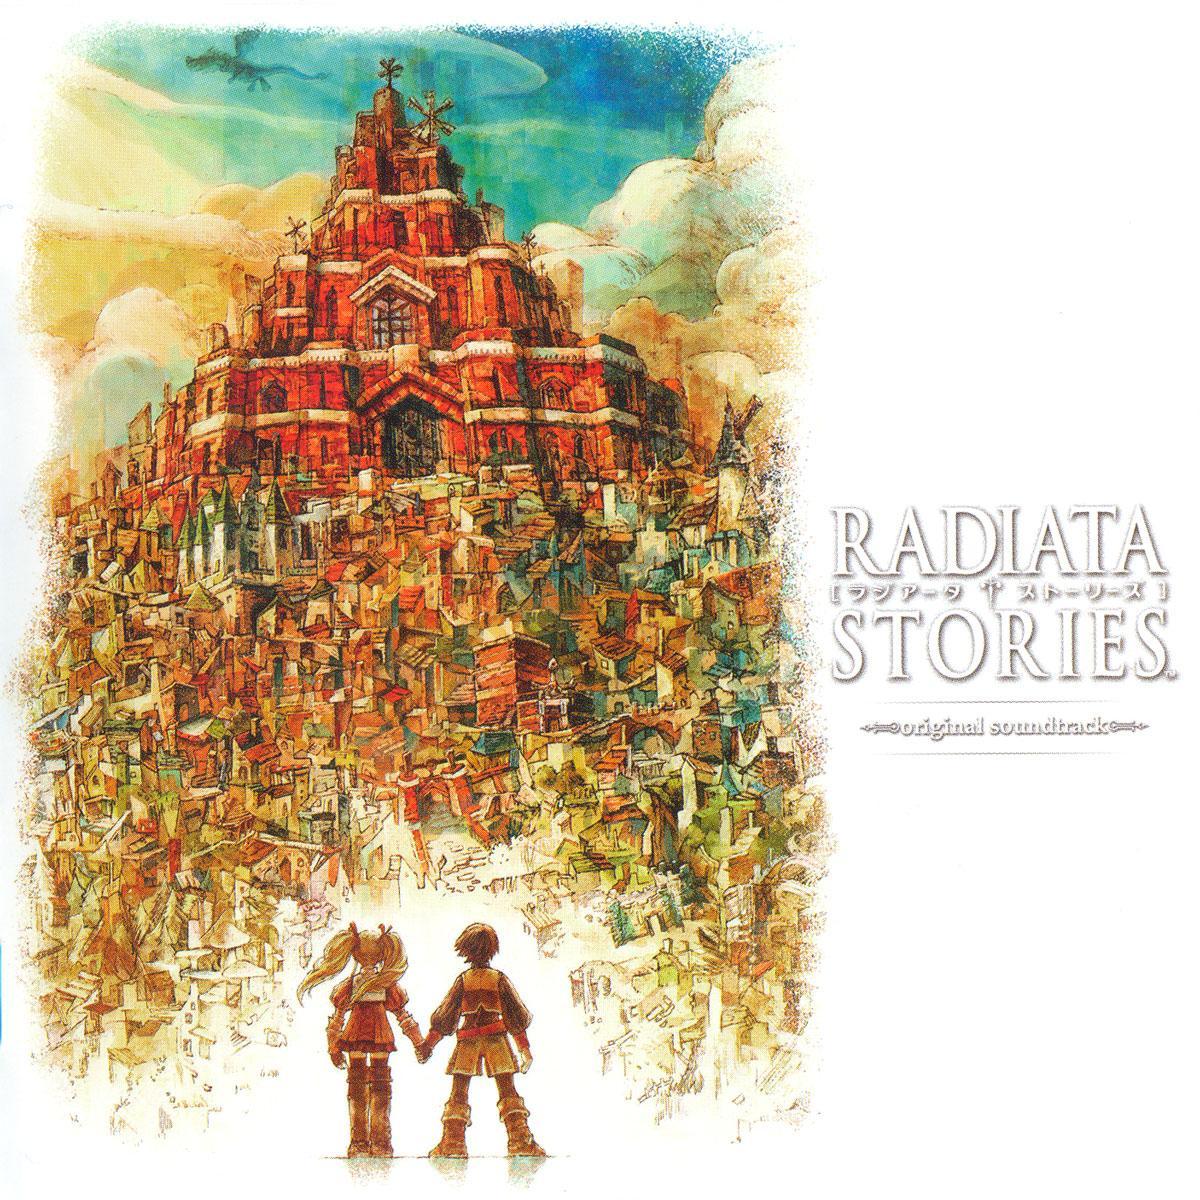 R Name Letter Wallpaper Radiata Stories Origin...